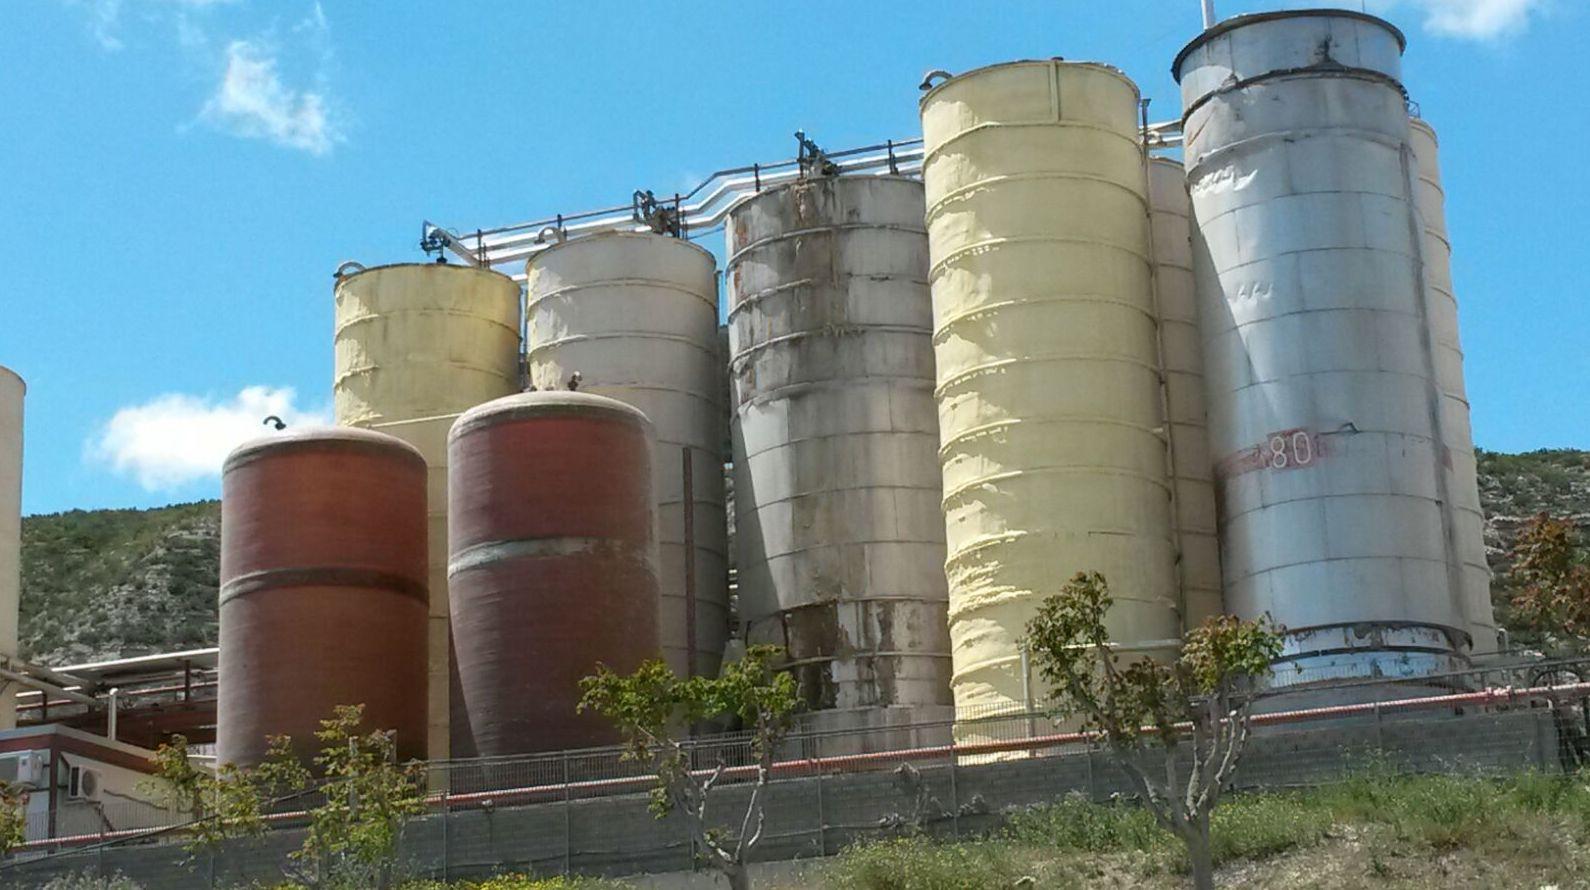 Proyección poliuretano resistente a  altas temperaturas en depósitos. (110 a 120 grados)